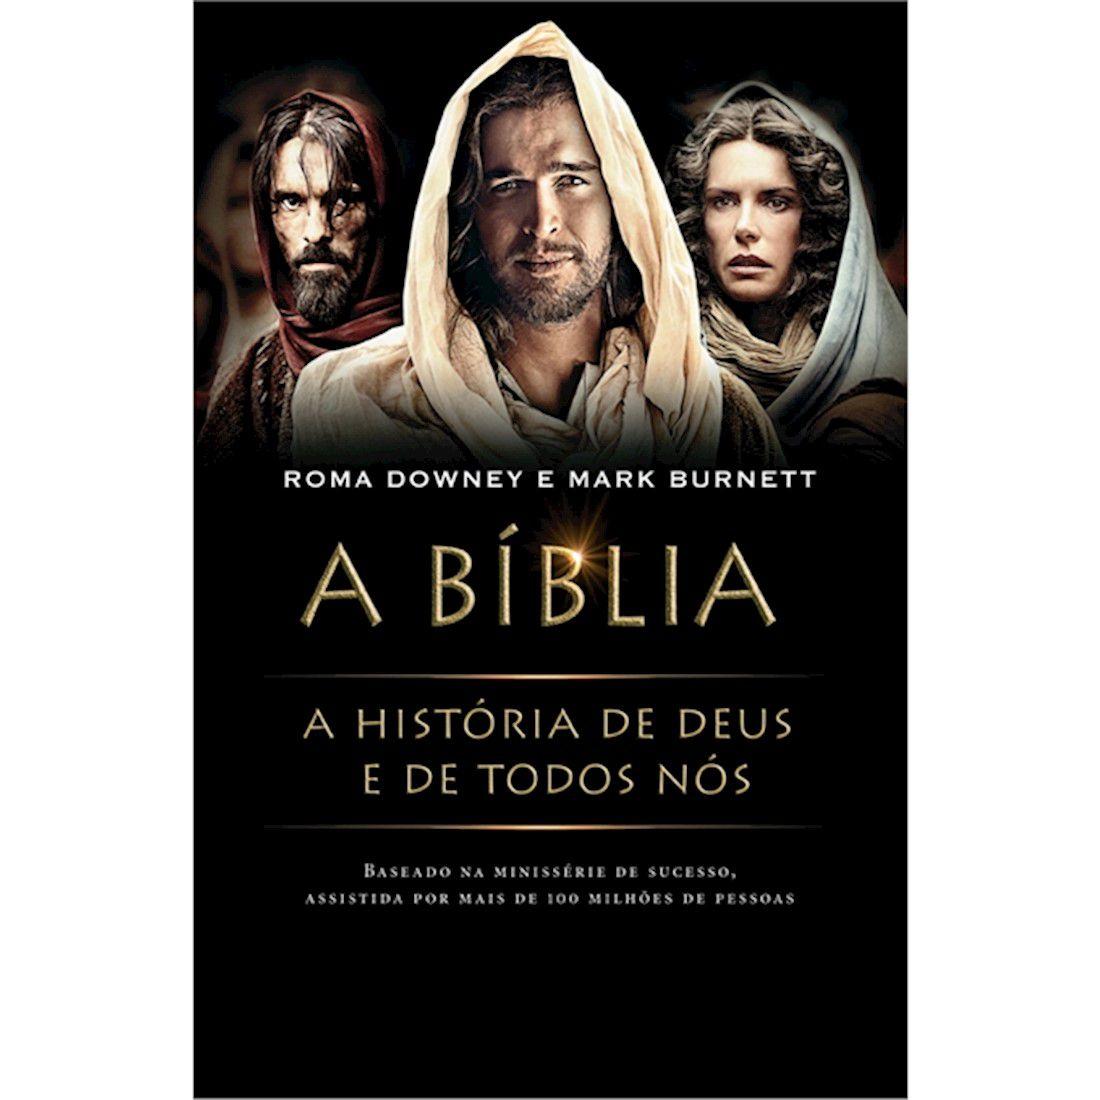 Livro A Bíblia: A História de Deus e de Todos Nós